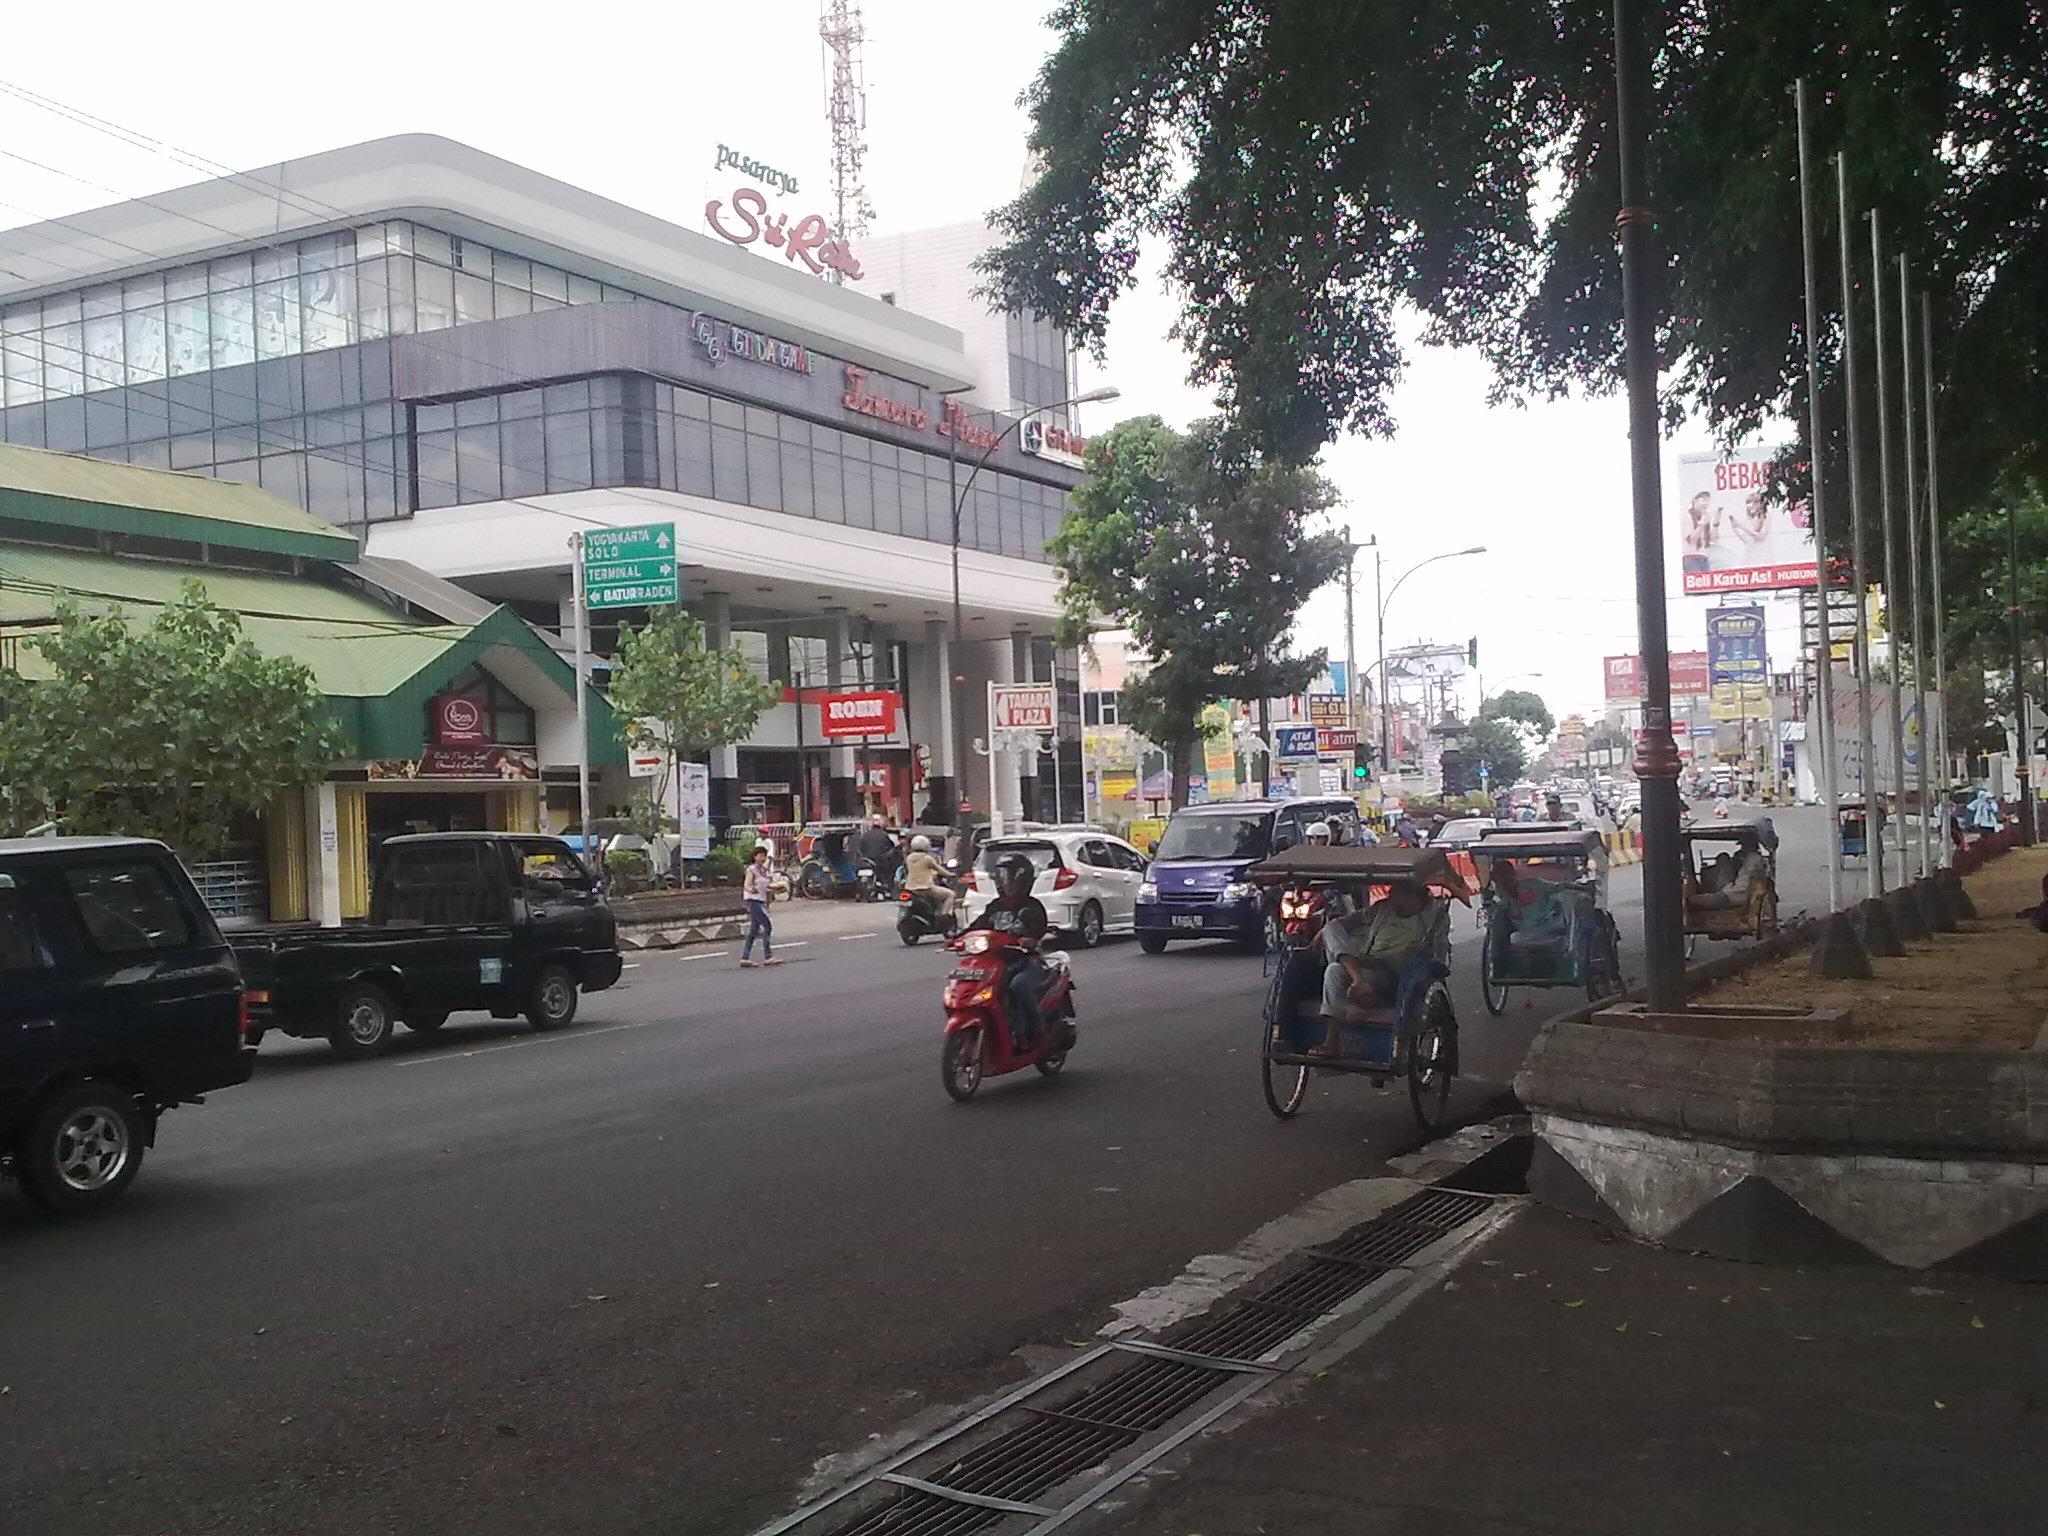 Purwokerto Indonesia  city pictures gallery : Purwokerto Kota Wikipedia Bahasa Indonesia | newhairstylesformen2014